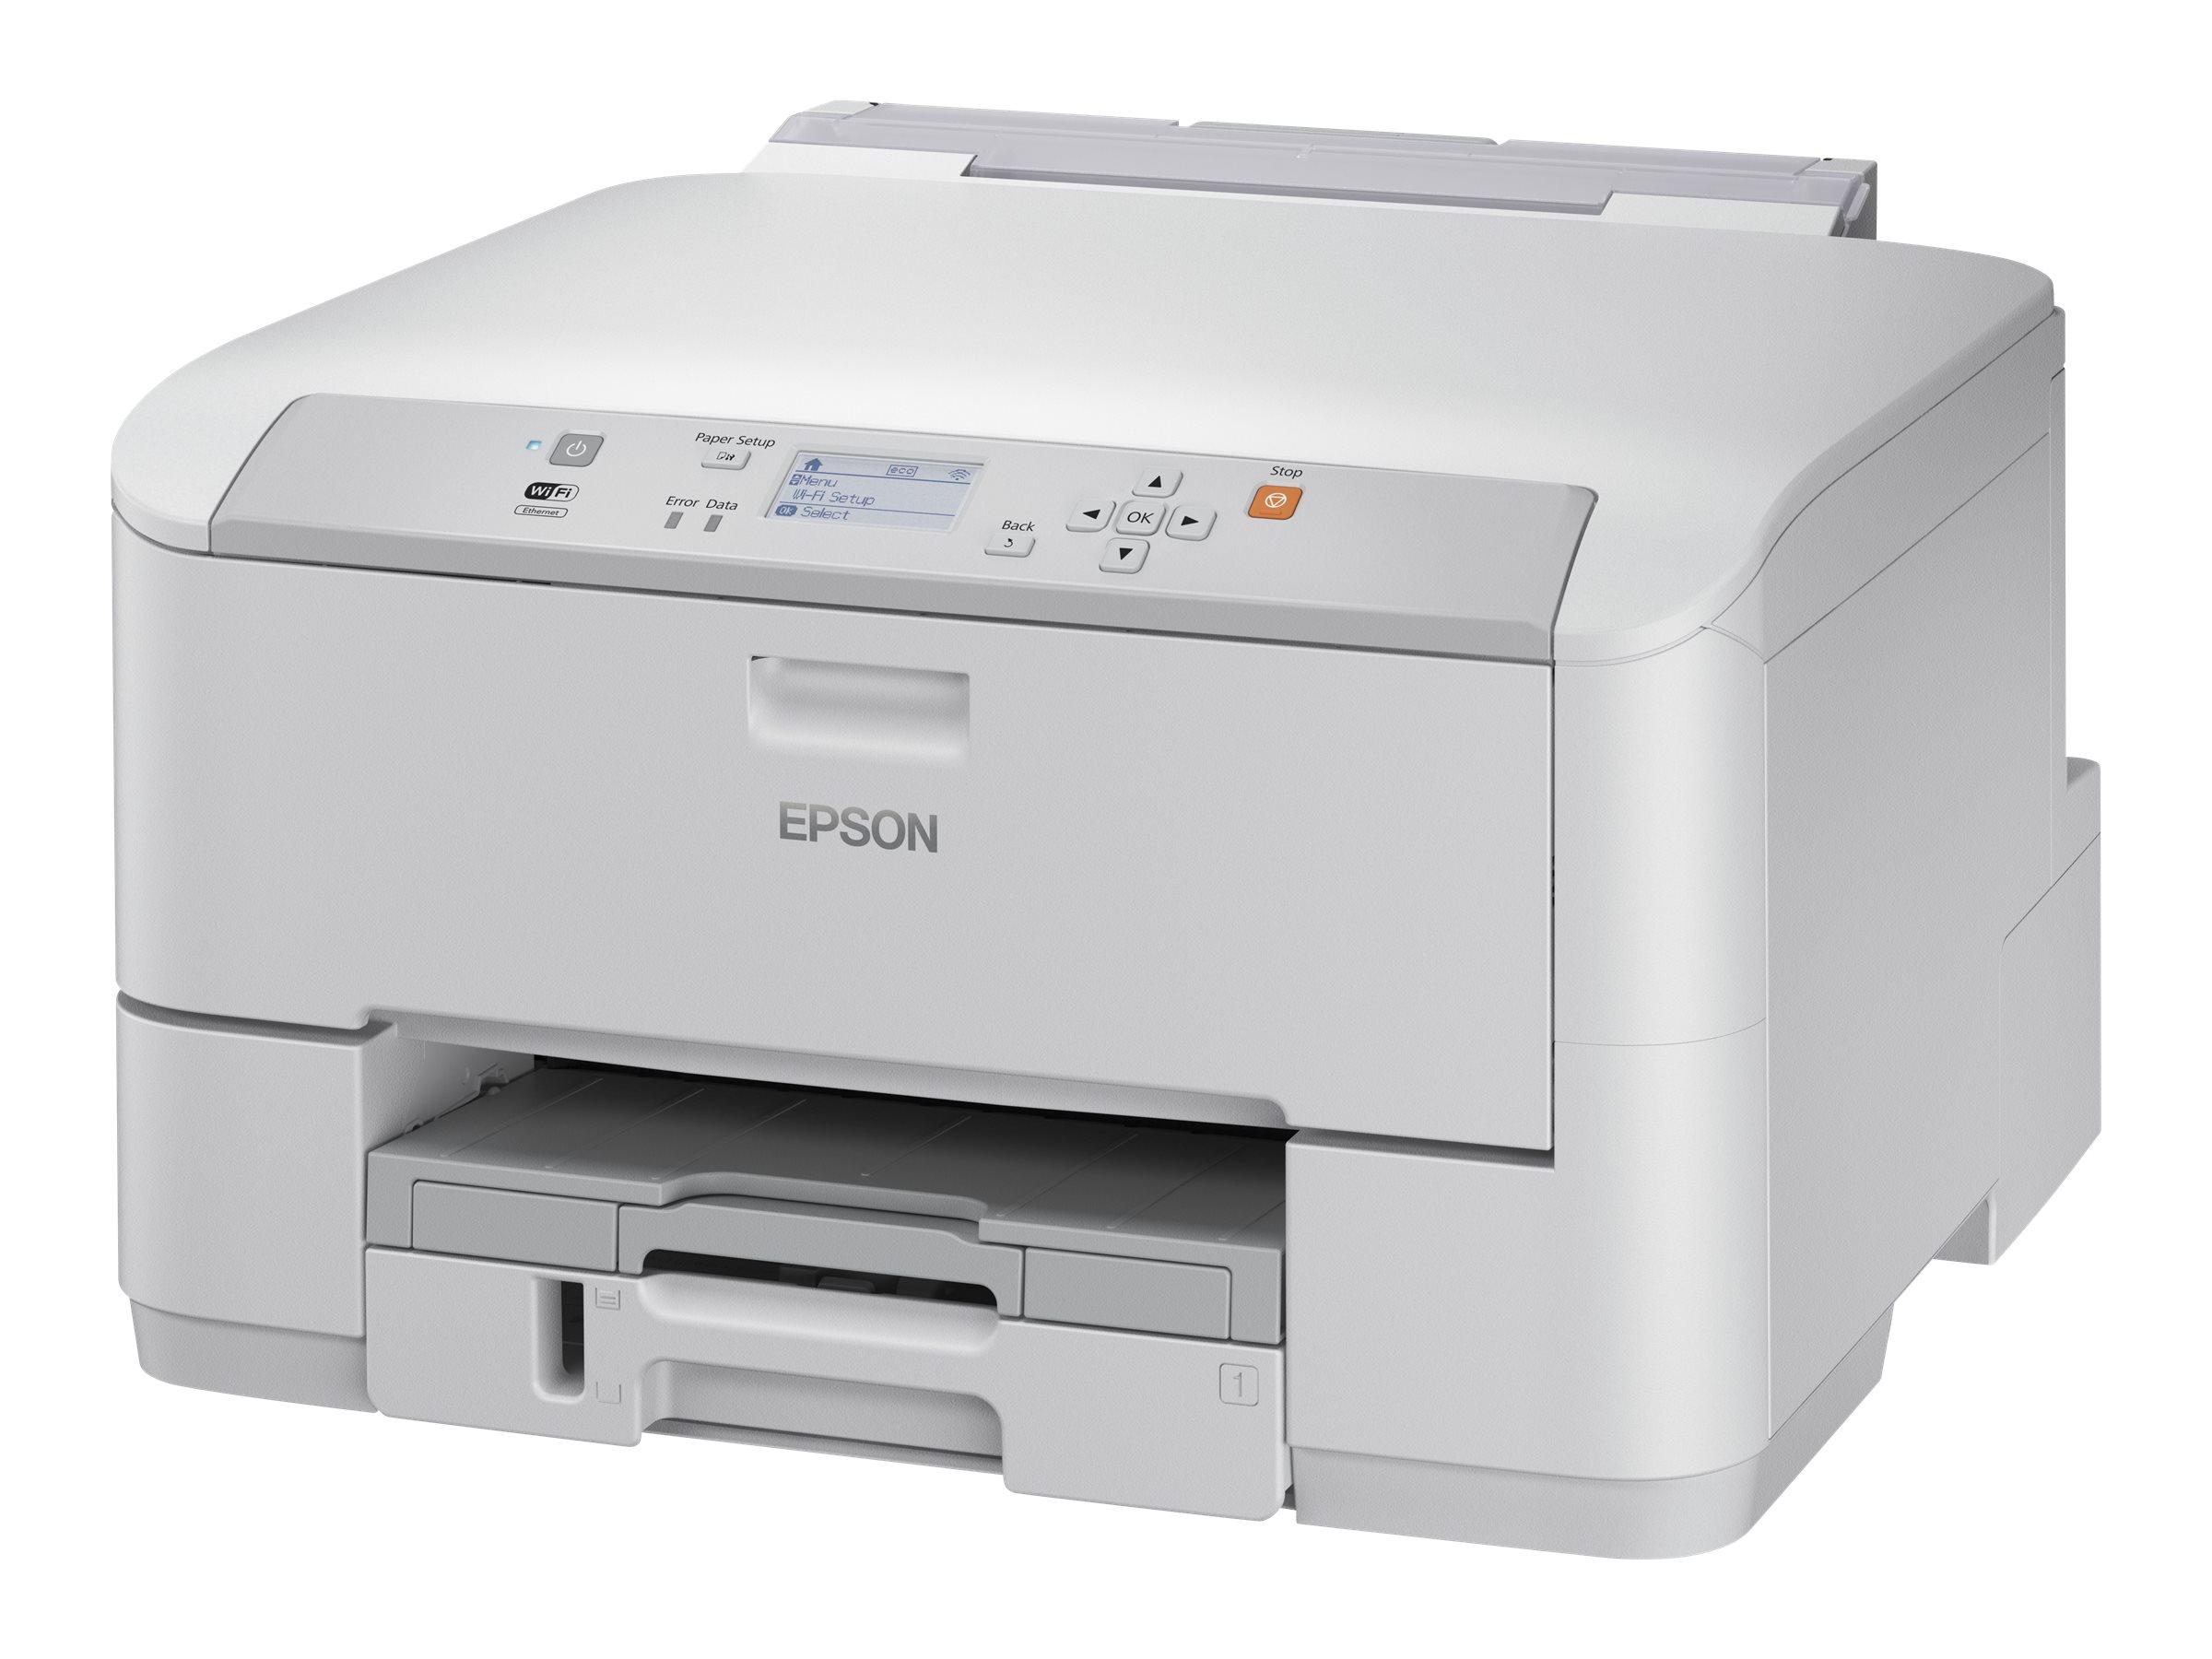 Epson WorkForce Pro WF-5110DW - Drucker - Farbe - Duplex - Tintenstrahl - A4/Legal